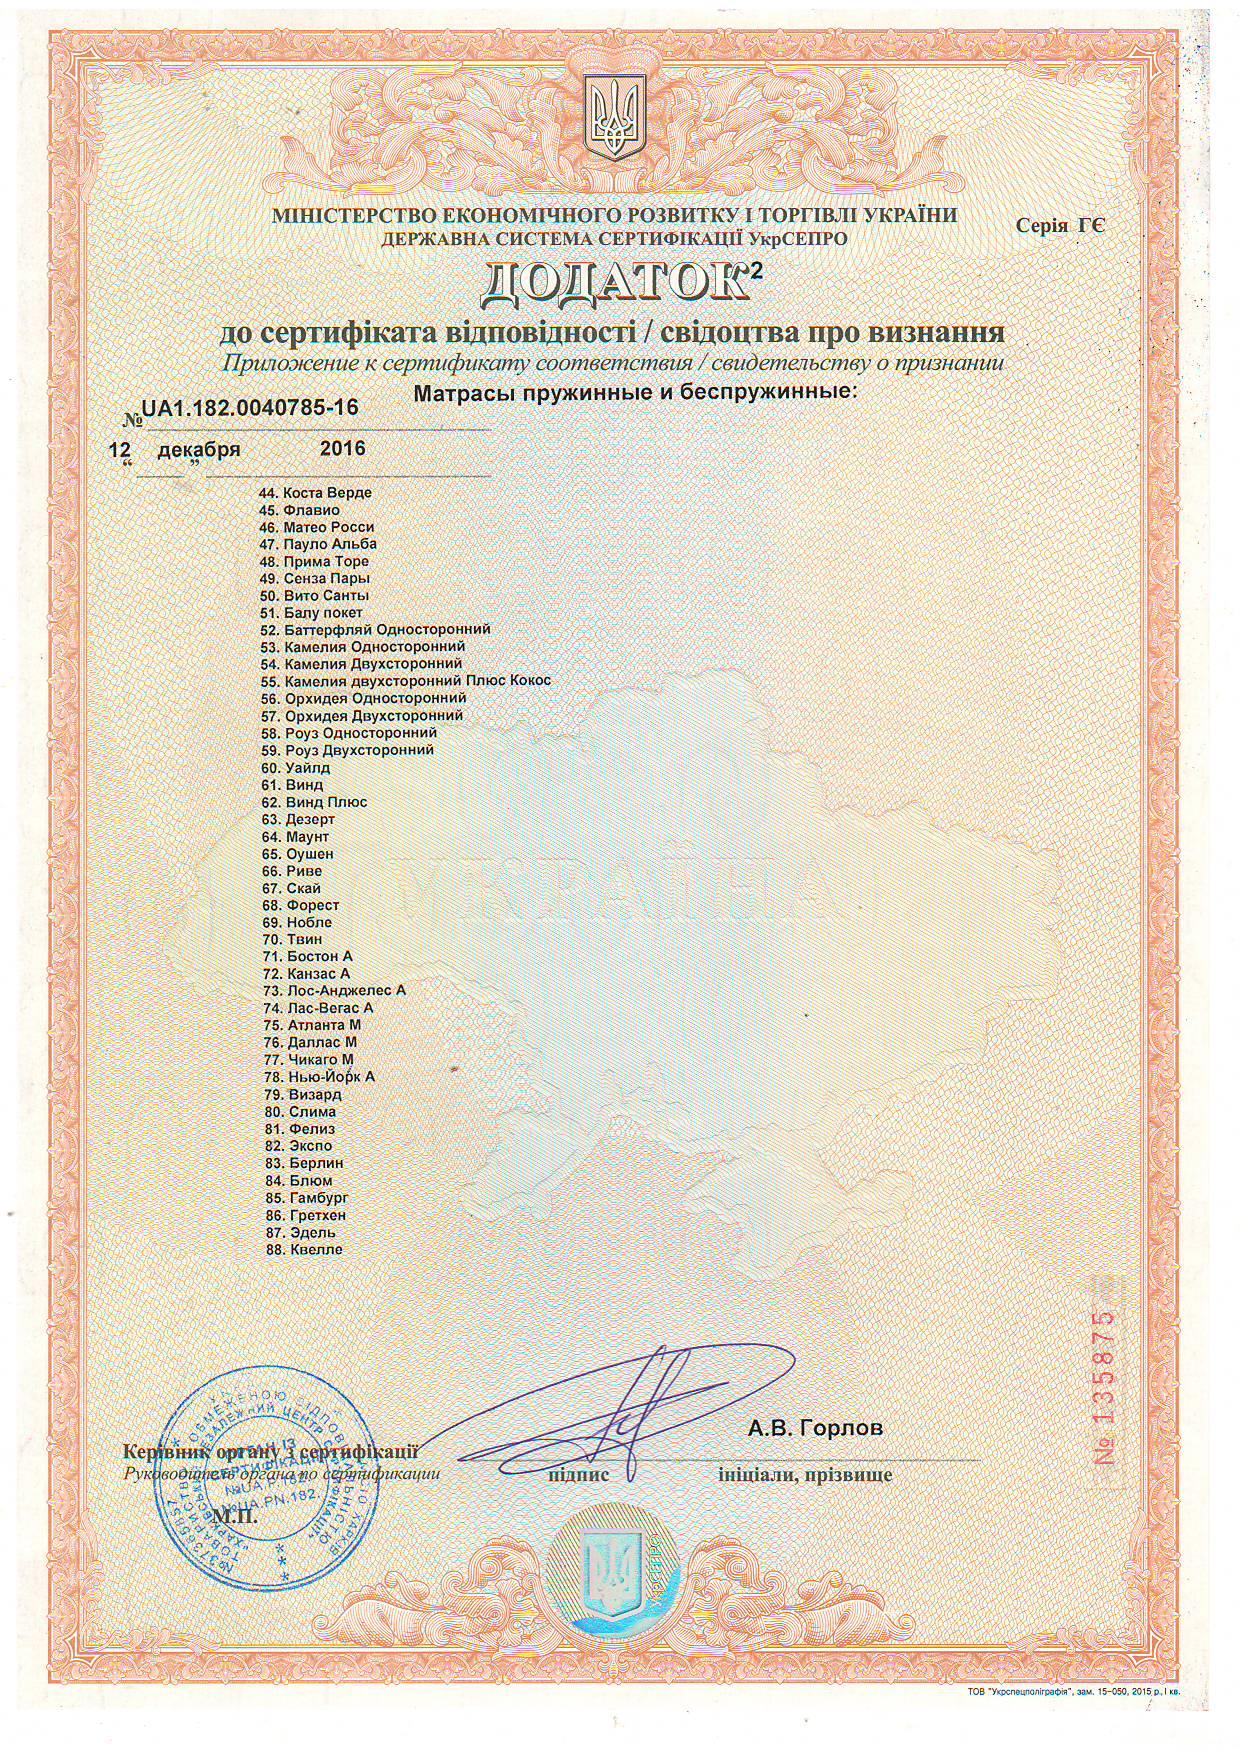 Дополнение 2 к Сертификату соответствия качества матрасов пружинных и беспружинных.